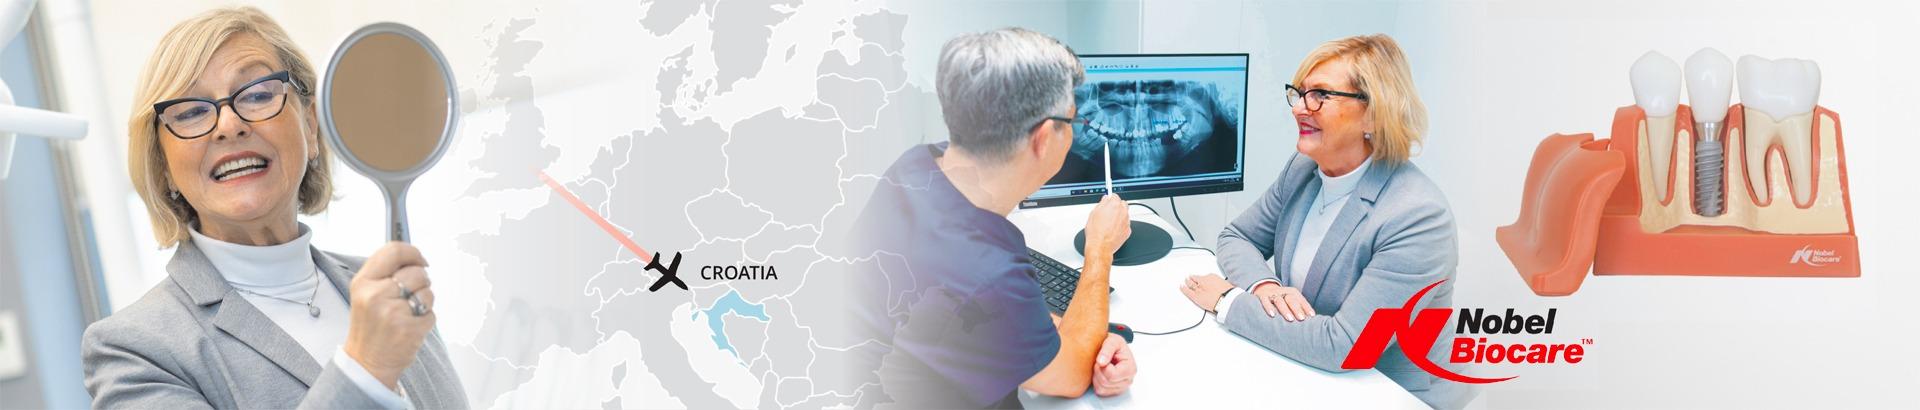 Dental implants in Croatia Header Image